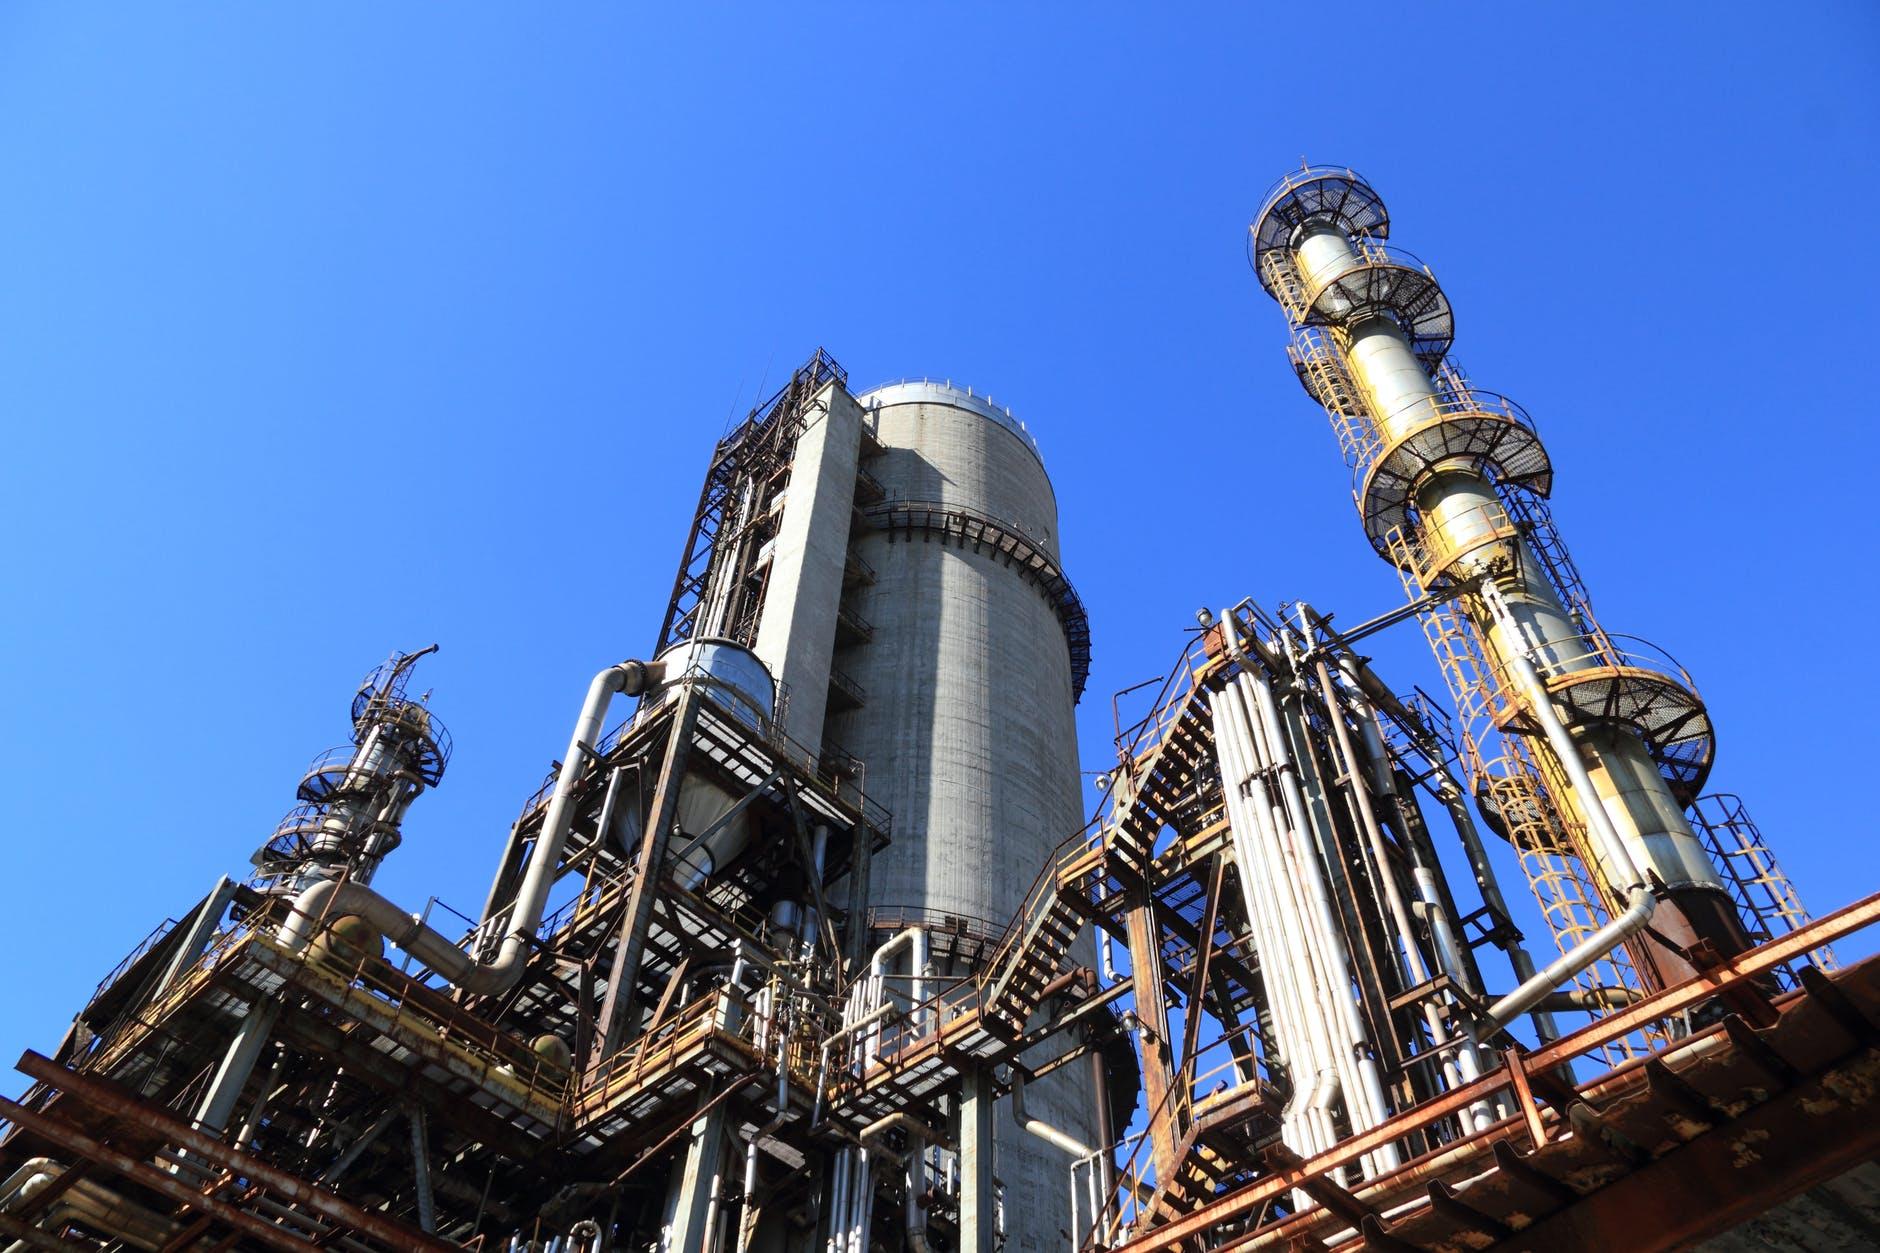 煤炭行业管理平台解决方案,生产全过程价值管理,降本增效